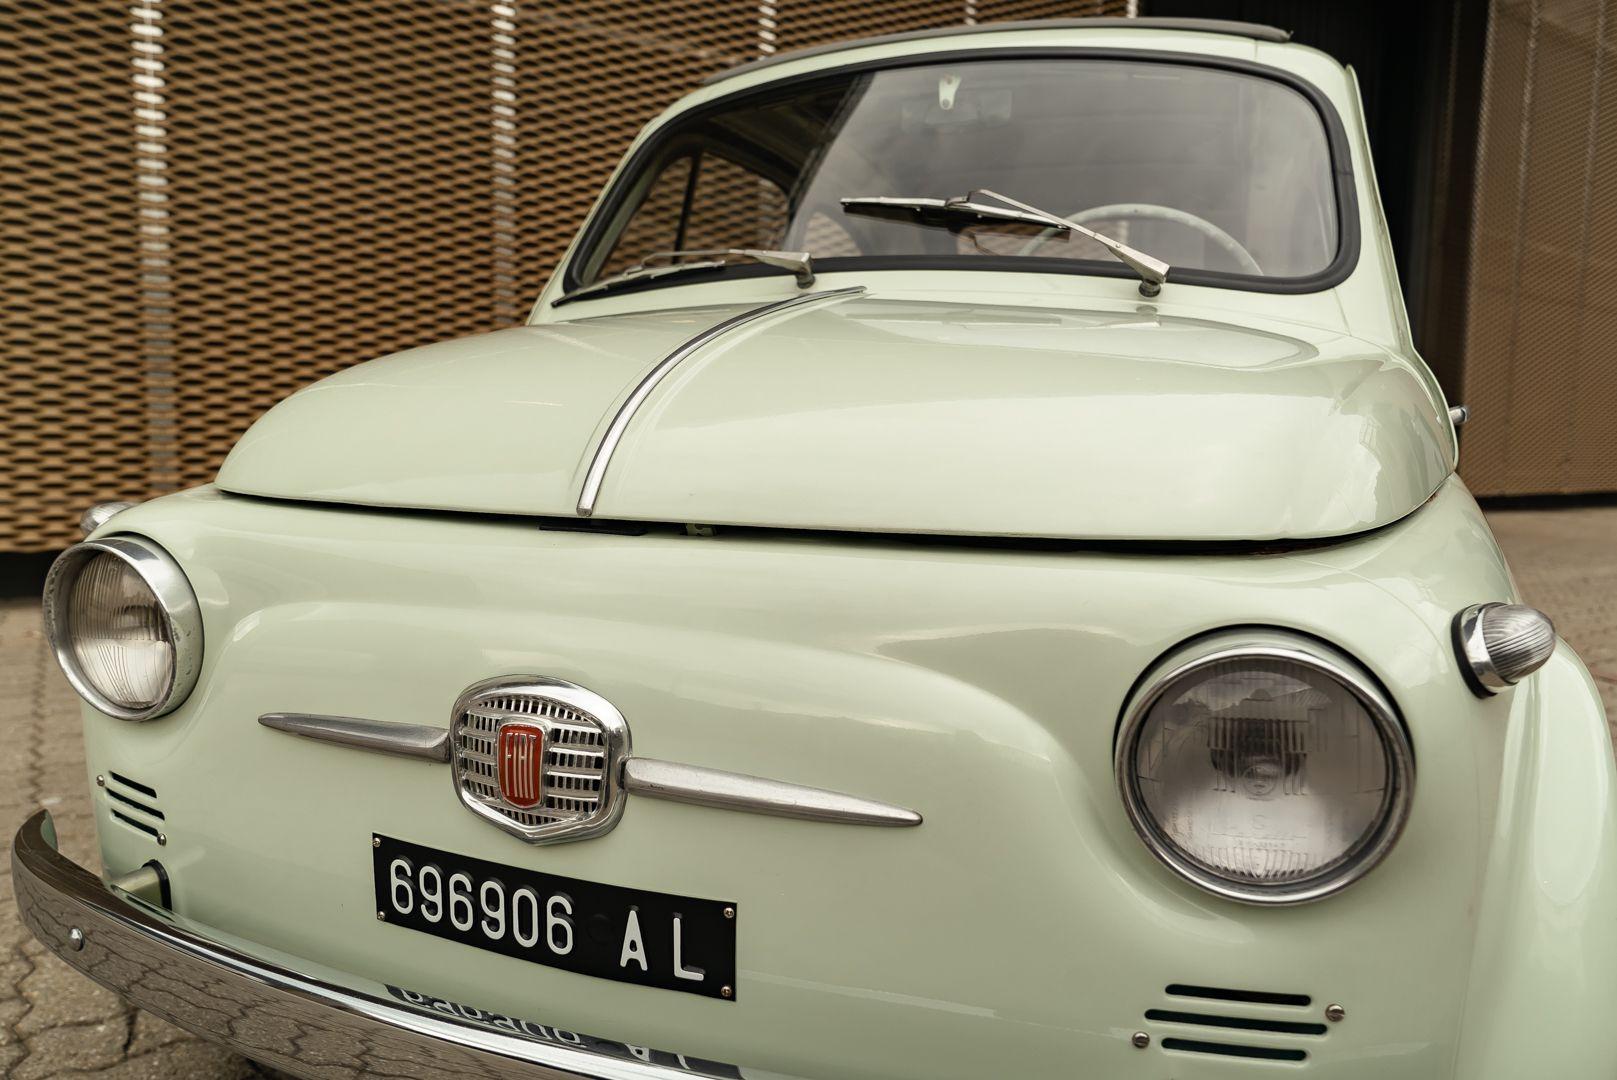 1959 Fiat 500 N 80020